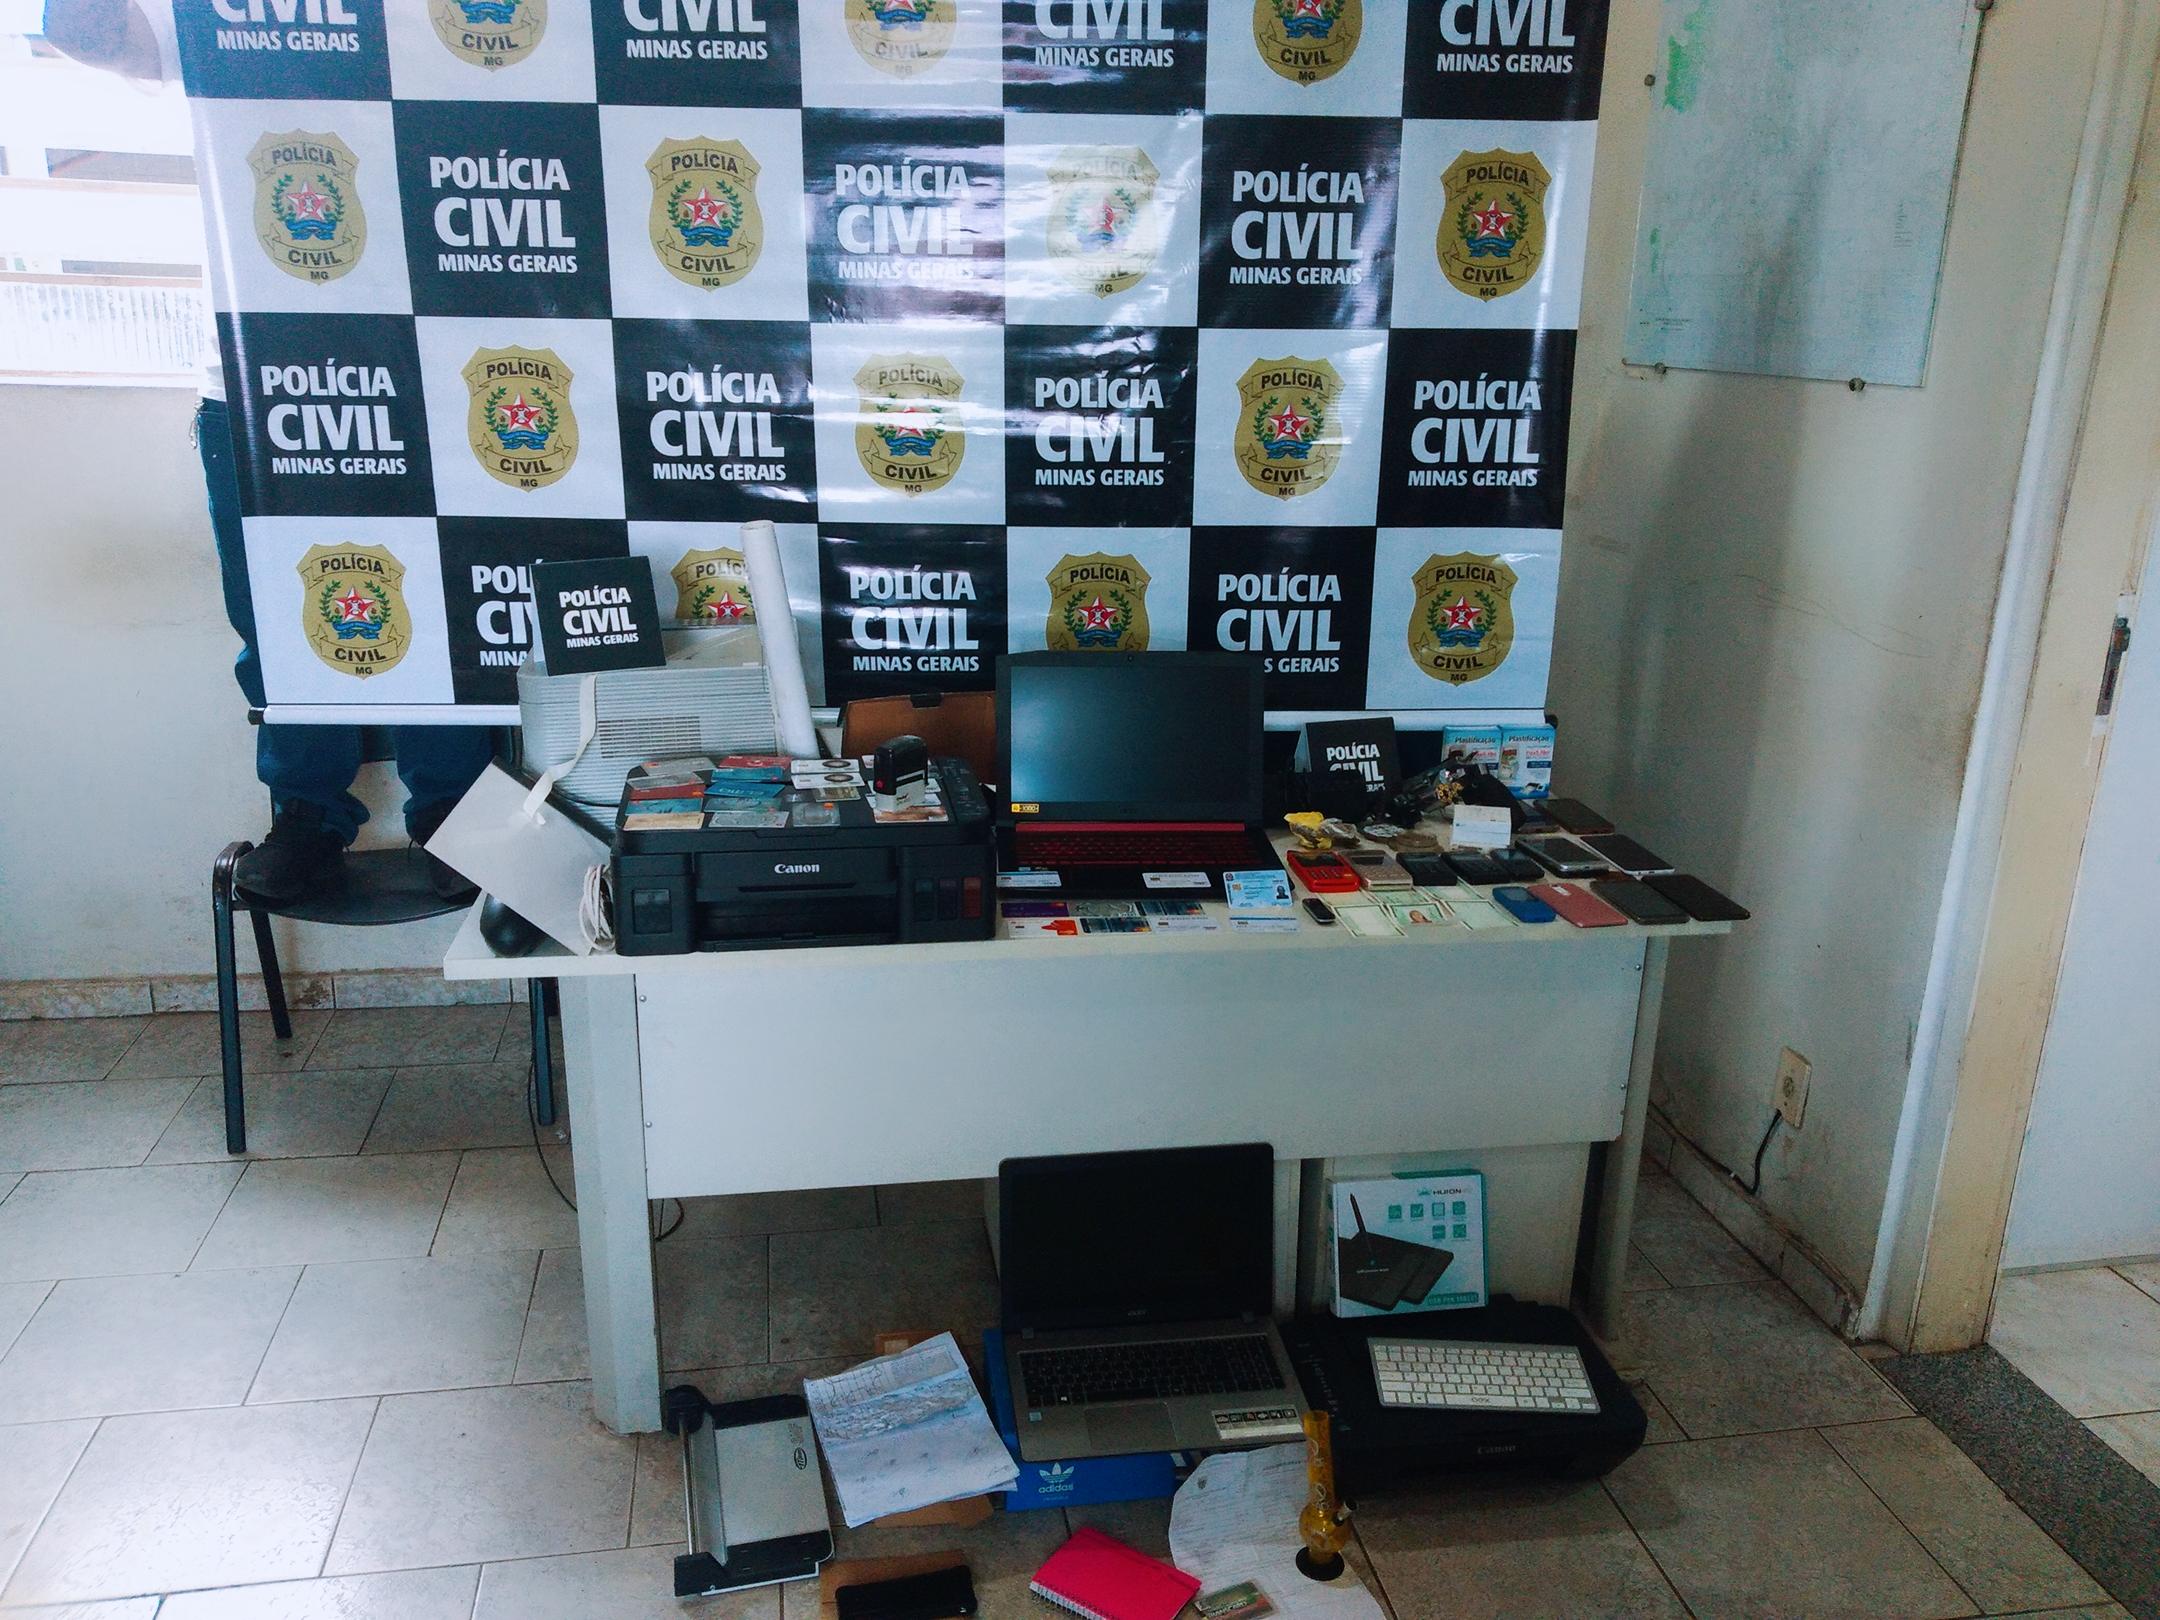 Seis pessoas são presos por falsificação de documentos em Sete Lagoas - Foto: Divulgação/PCMG